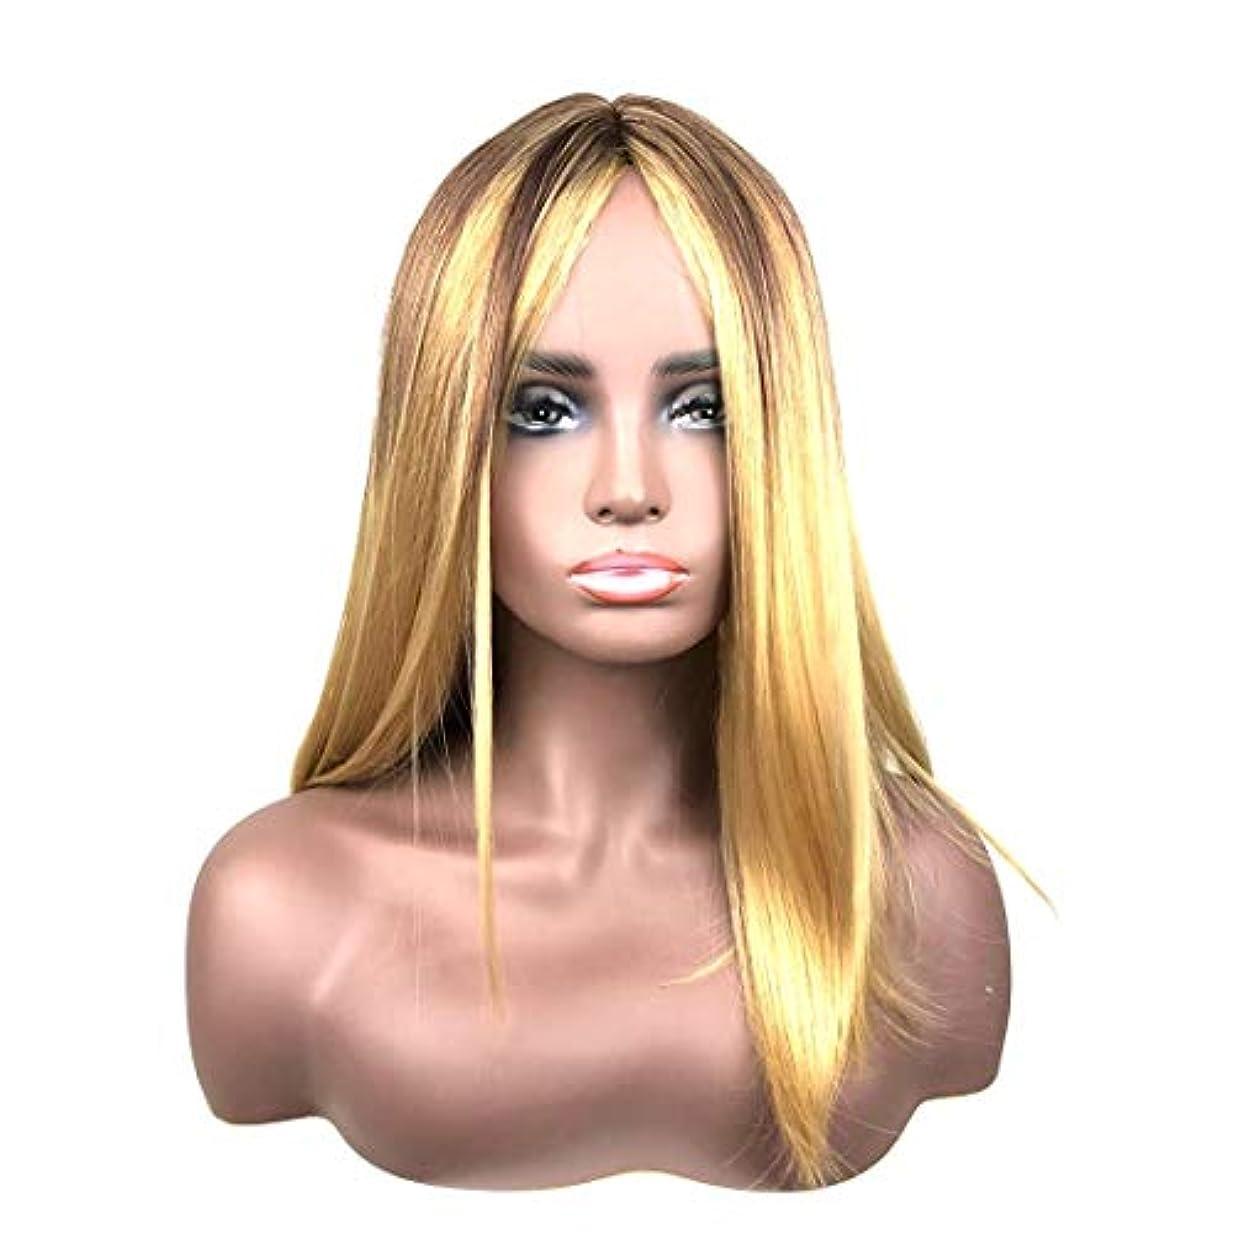 陪審スポーツマン鉛Kerwinner 前髪合成耐熱性女性のヘアスタイルと短いふわふわボブ変態ストレートヘアウィッグ